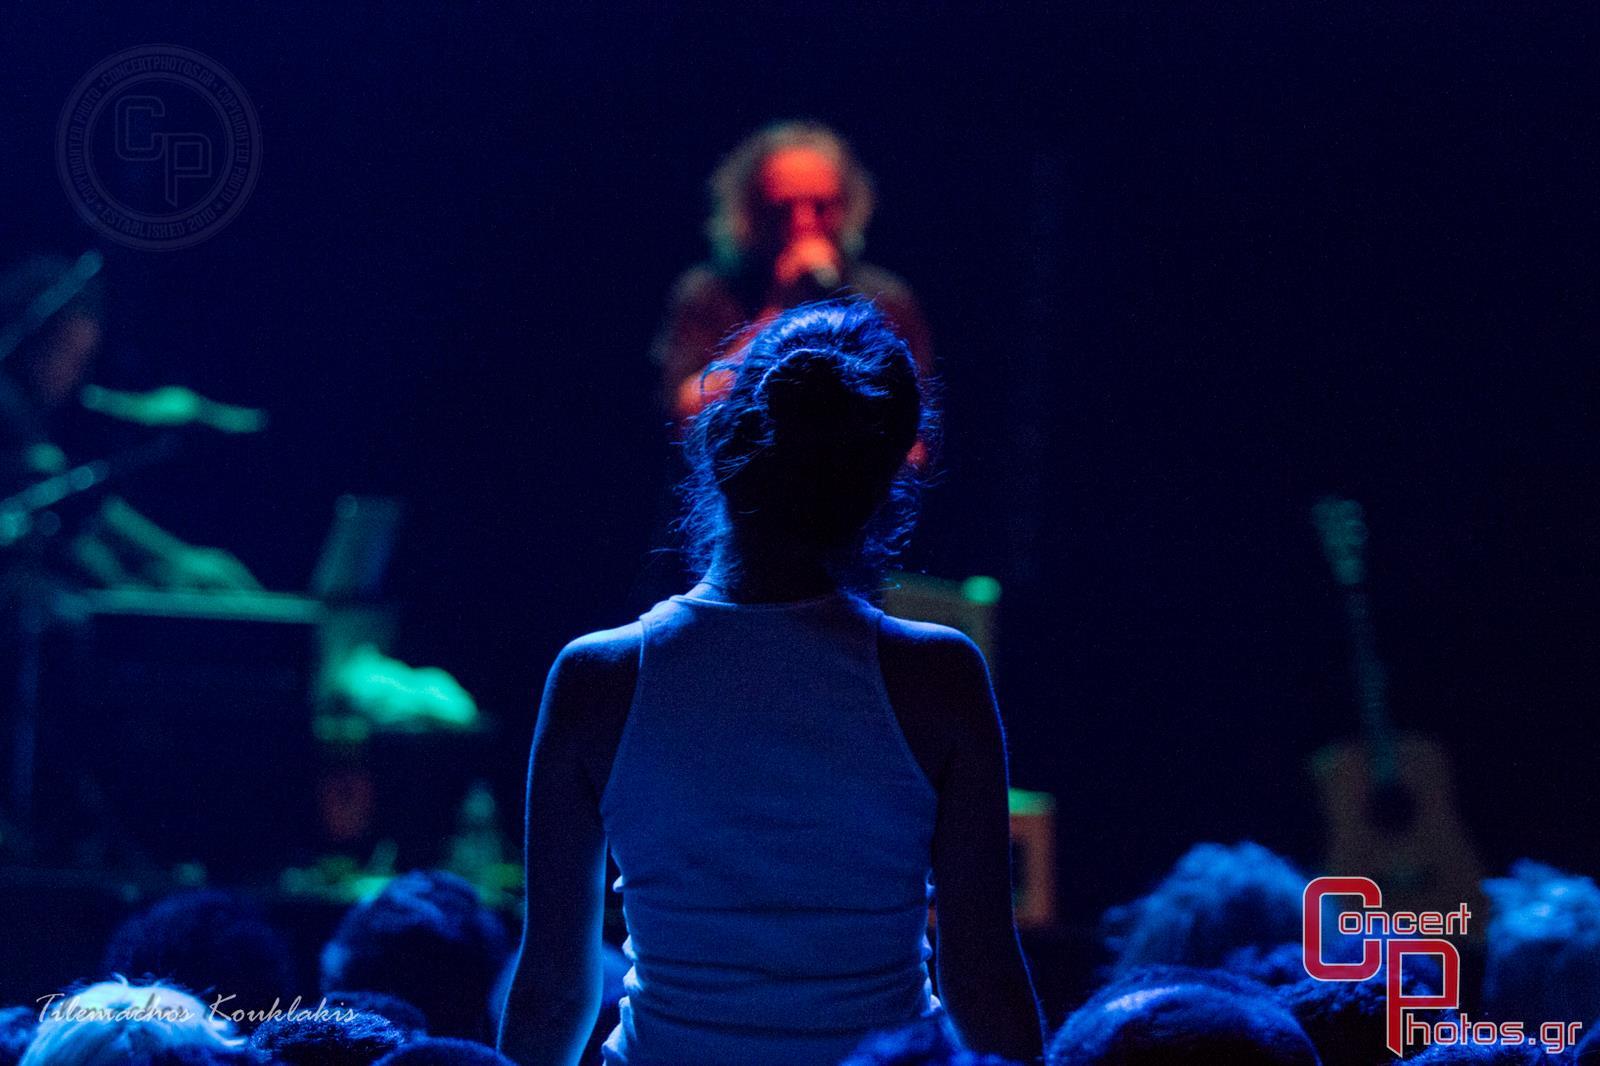 Γιάννης Αγγελάκας - Σύννεφα με Παντελόνια-Aggelakas-2 photographer:  - concertphotos_-1405153333